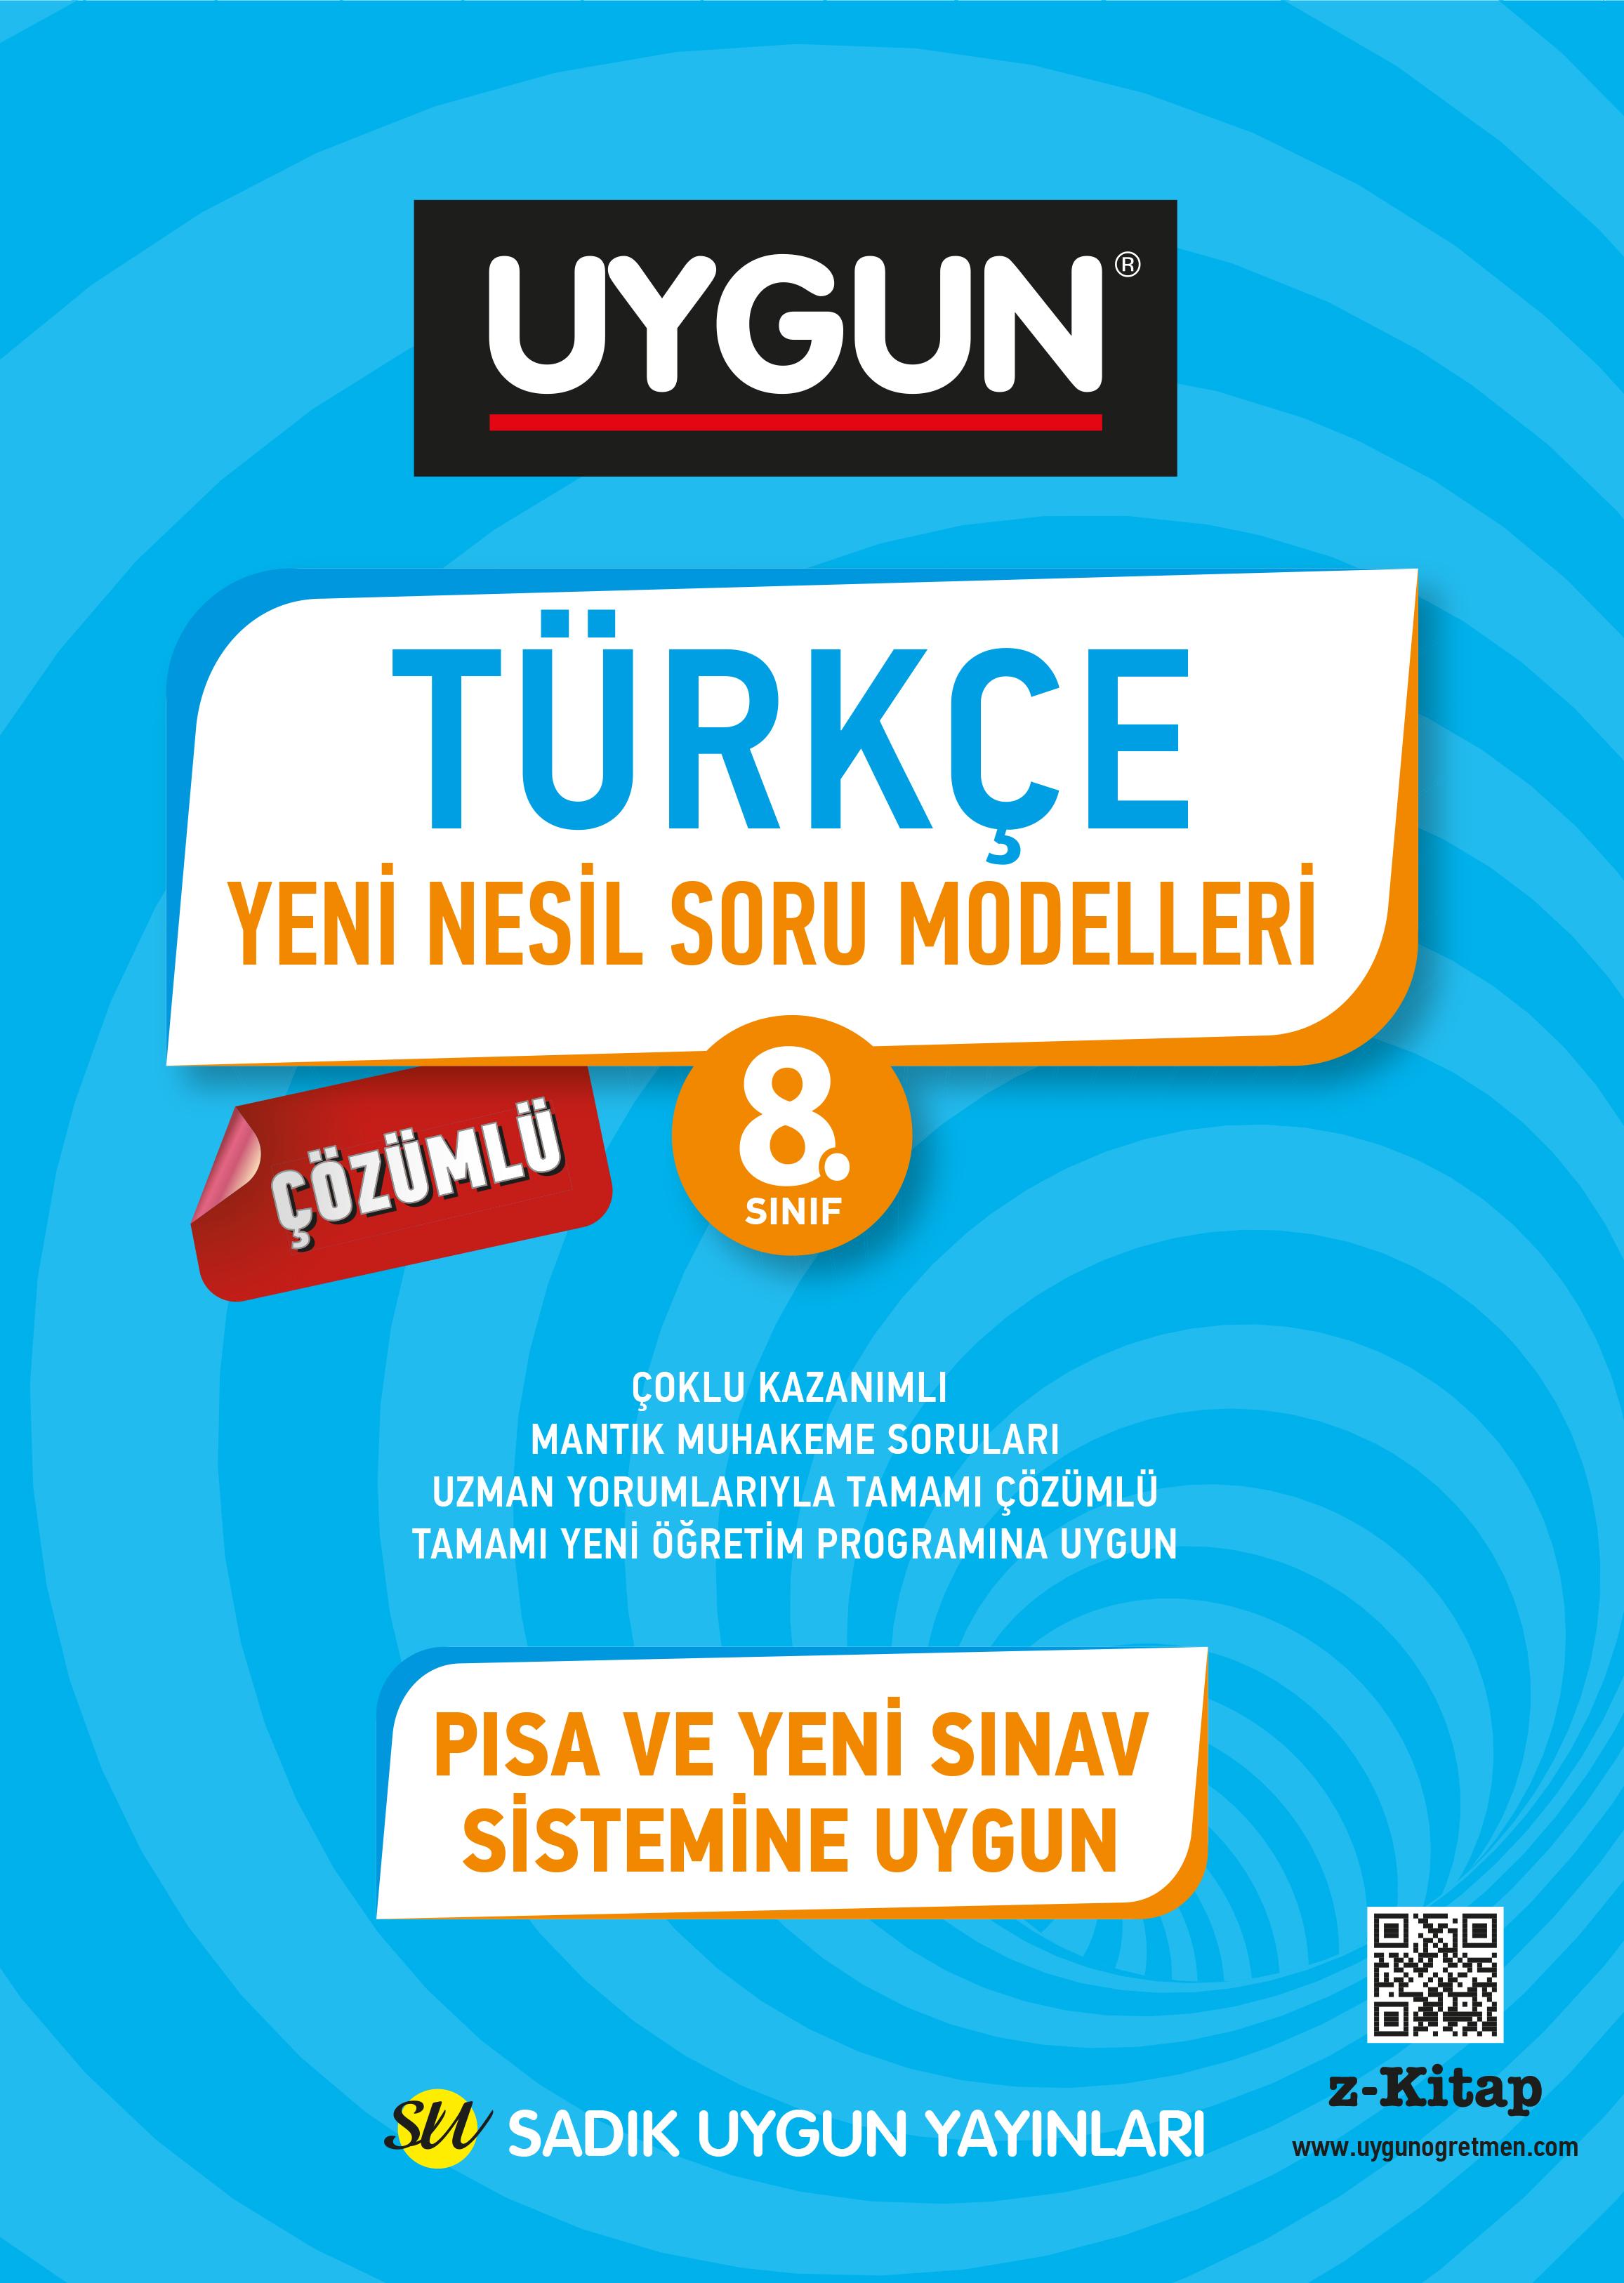 UYGUN – Yeni Nesil Soru Modelleri – Türkçe 8.Sınıf